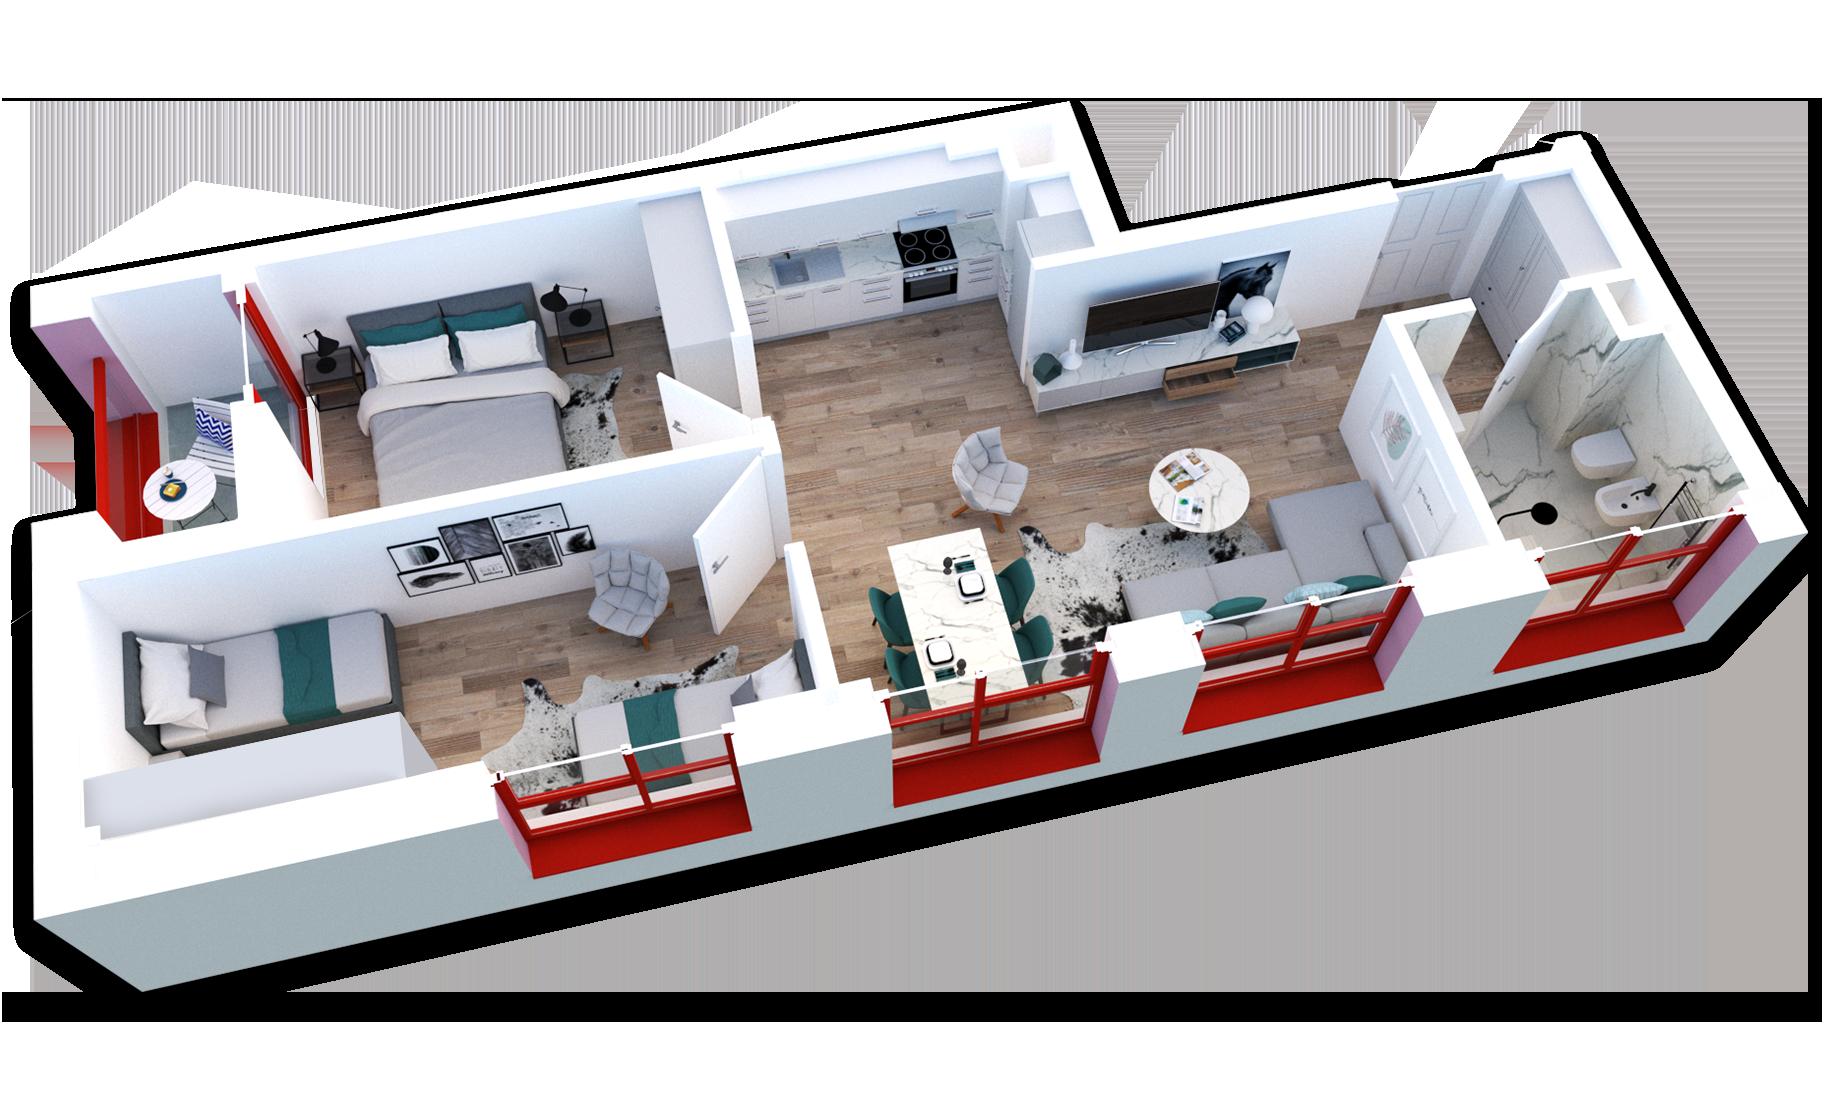 Apartament 2+1 në shitje në Tiranë - Mangalem 21 Shkalla 20 Kati 6